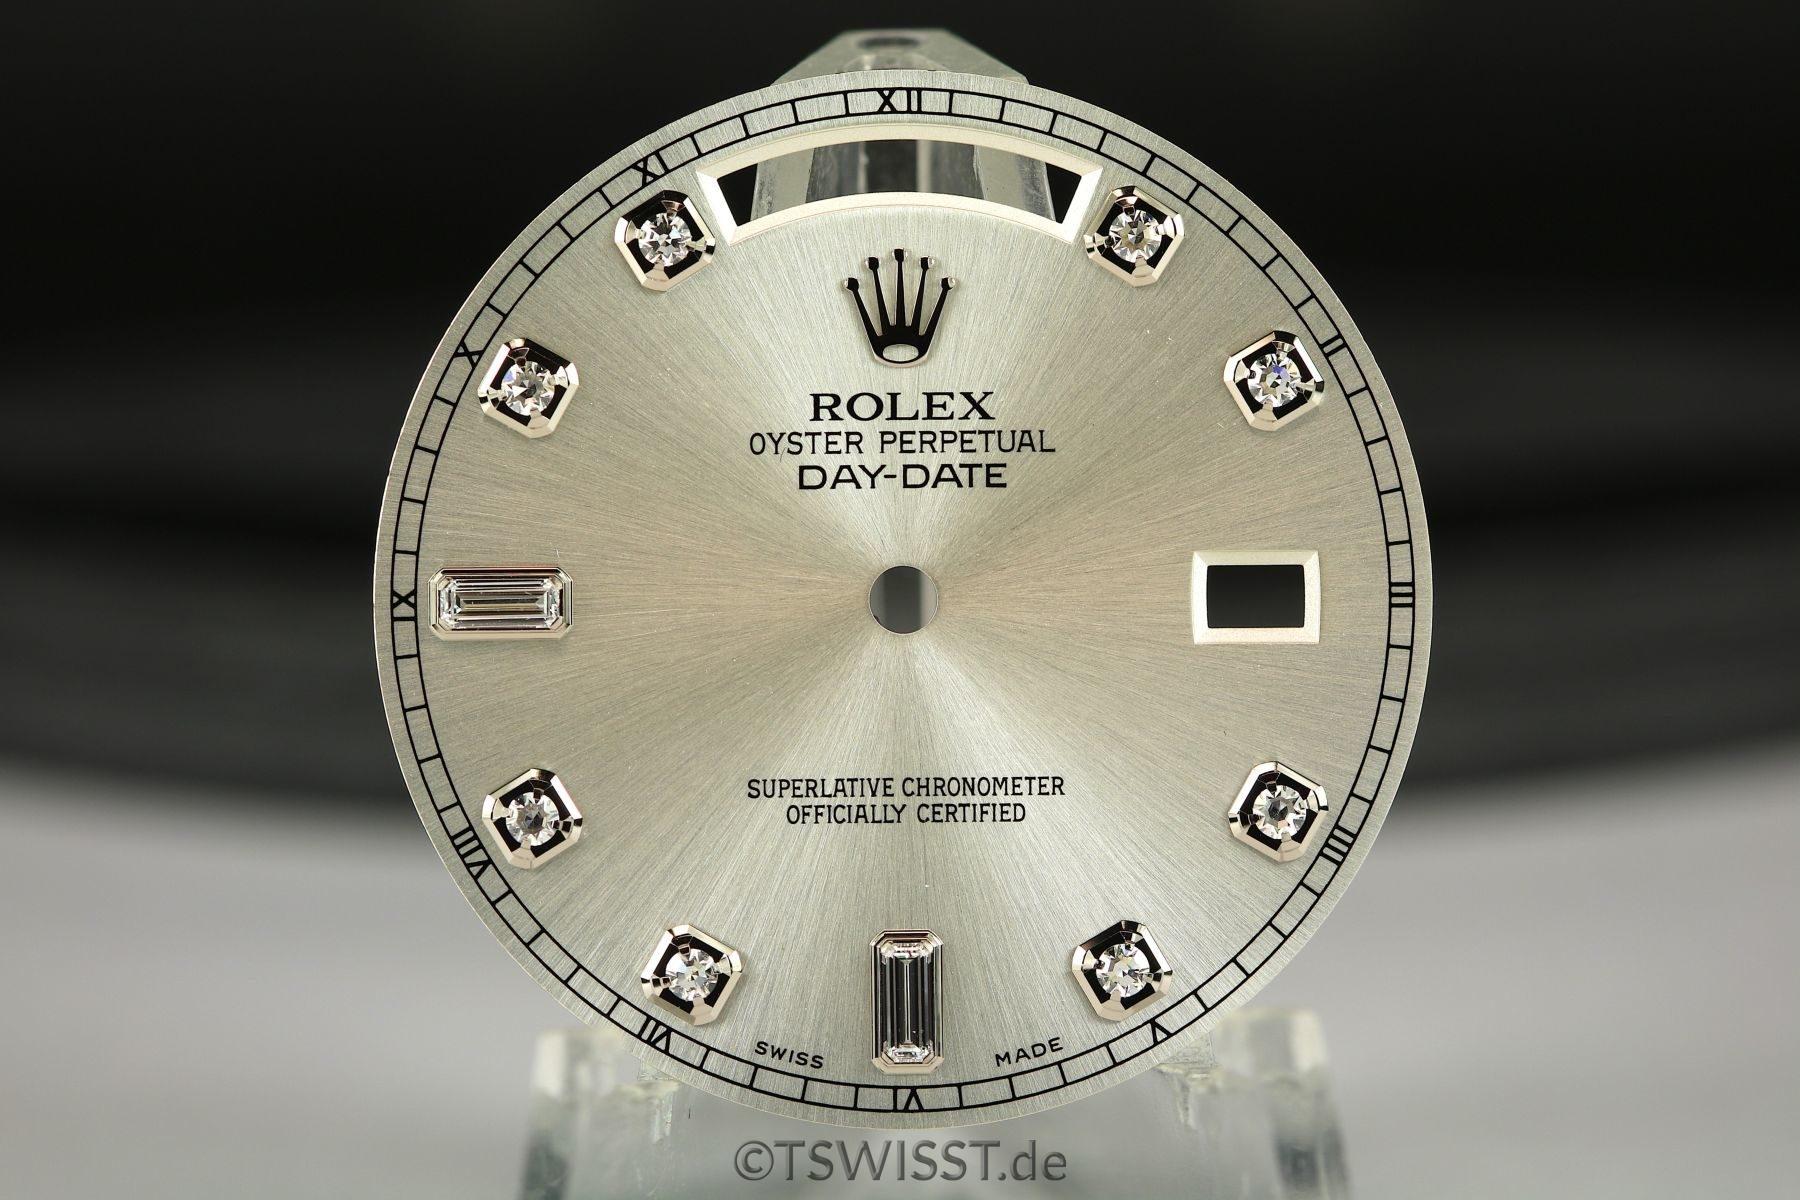 Rolex Daydate II dial